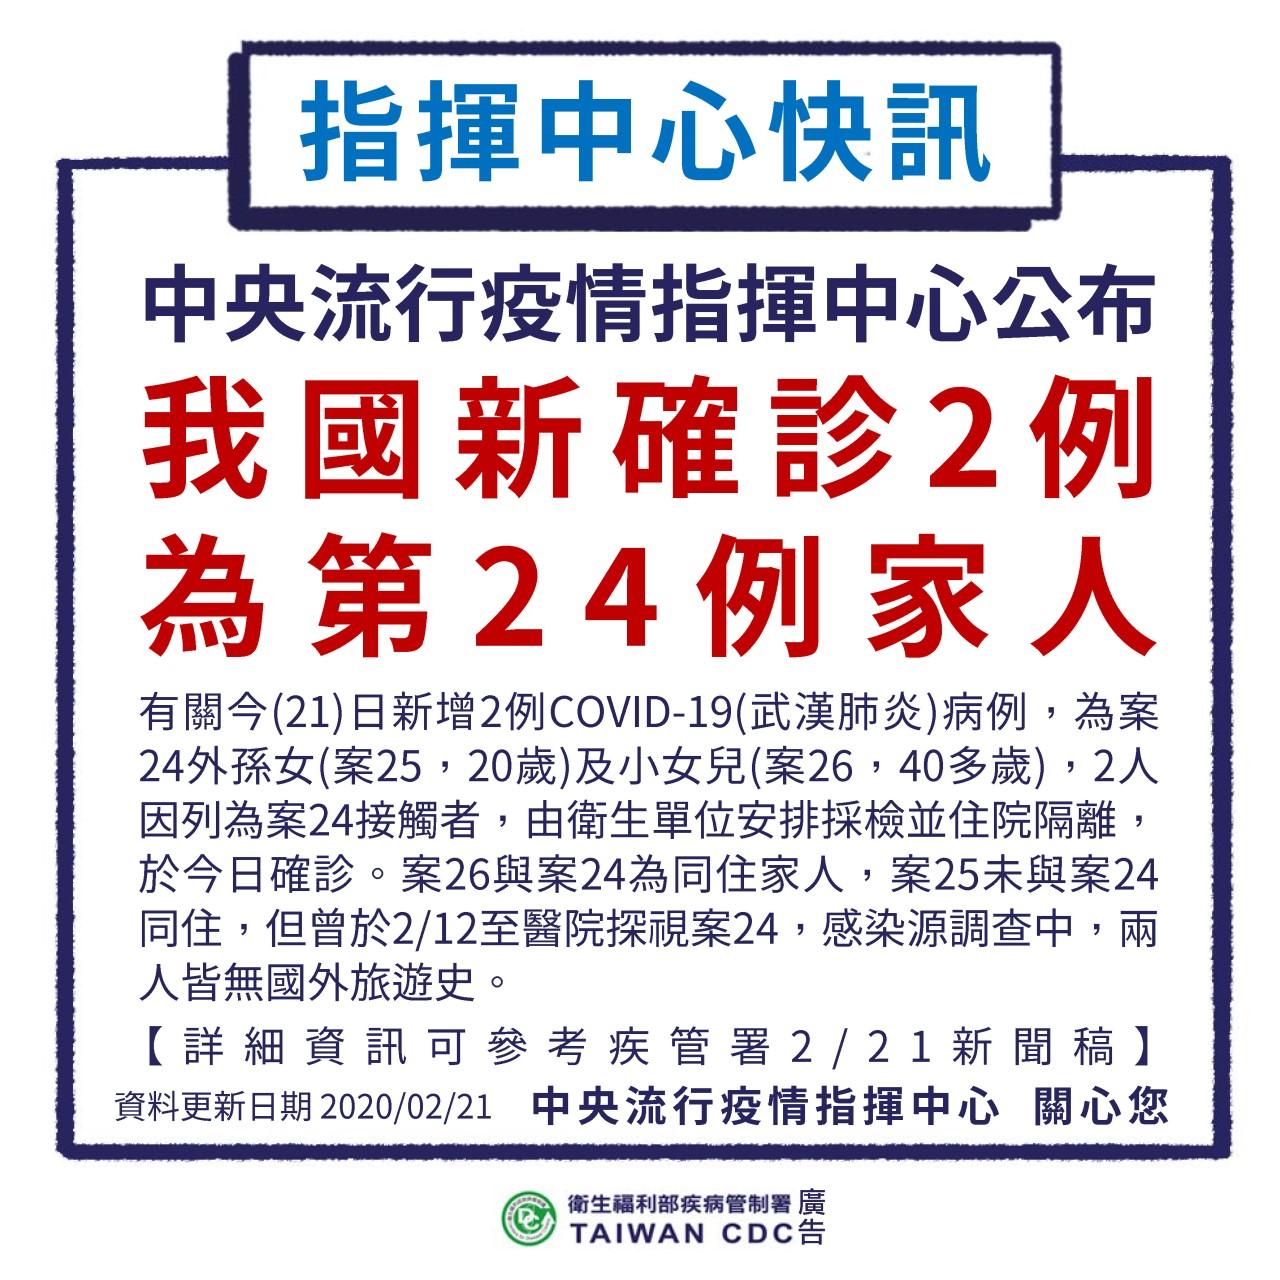 新增2例武漢肺炎病例,為案24家人